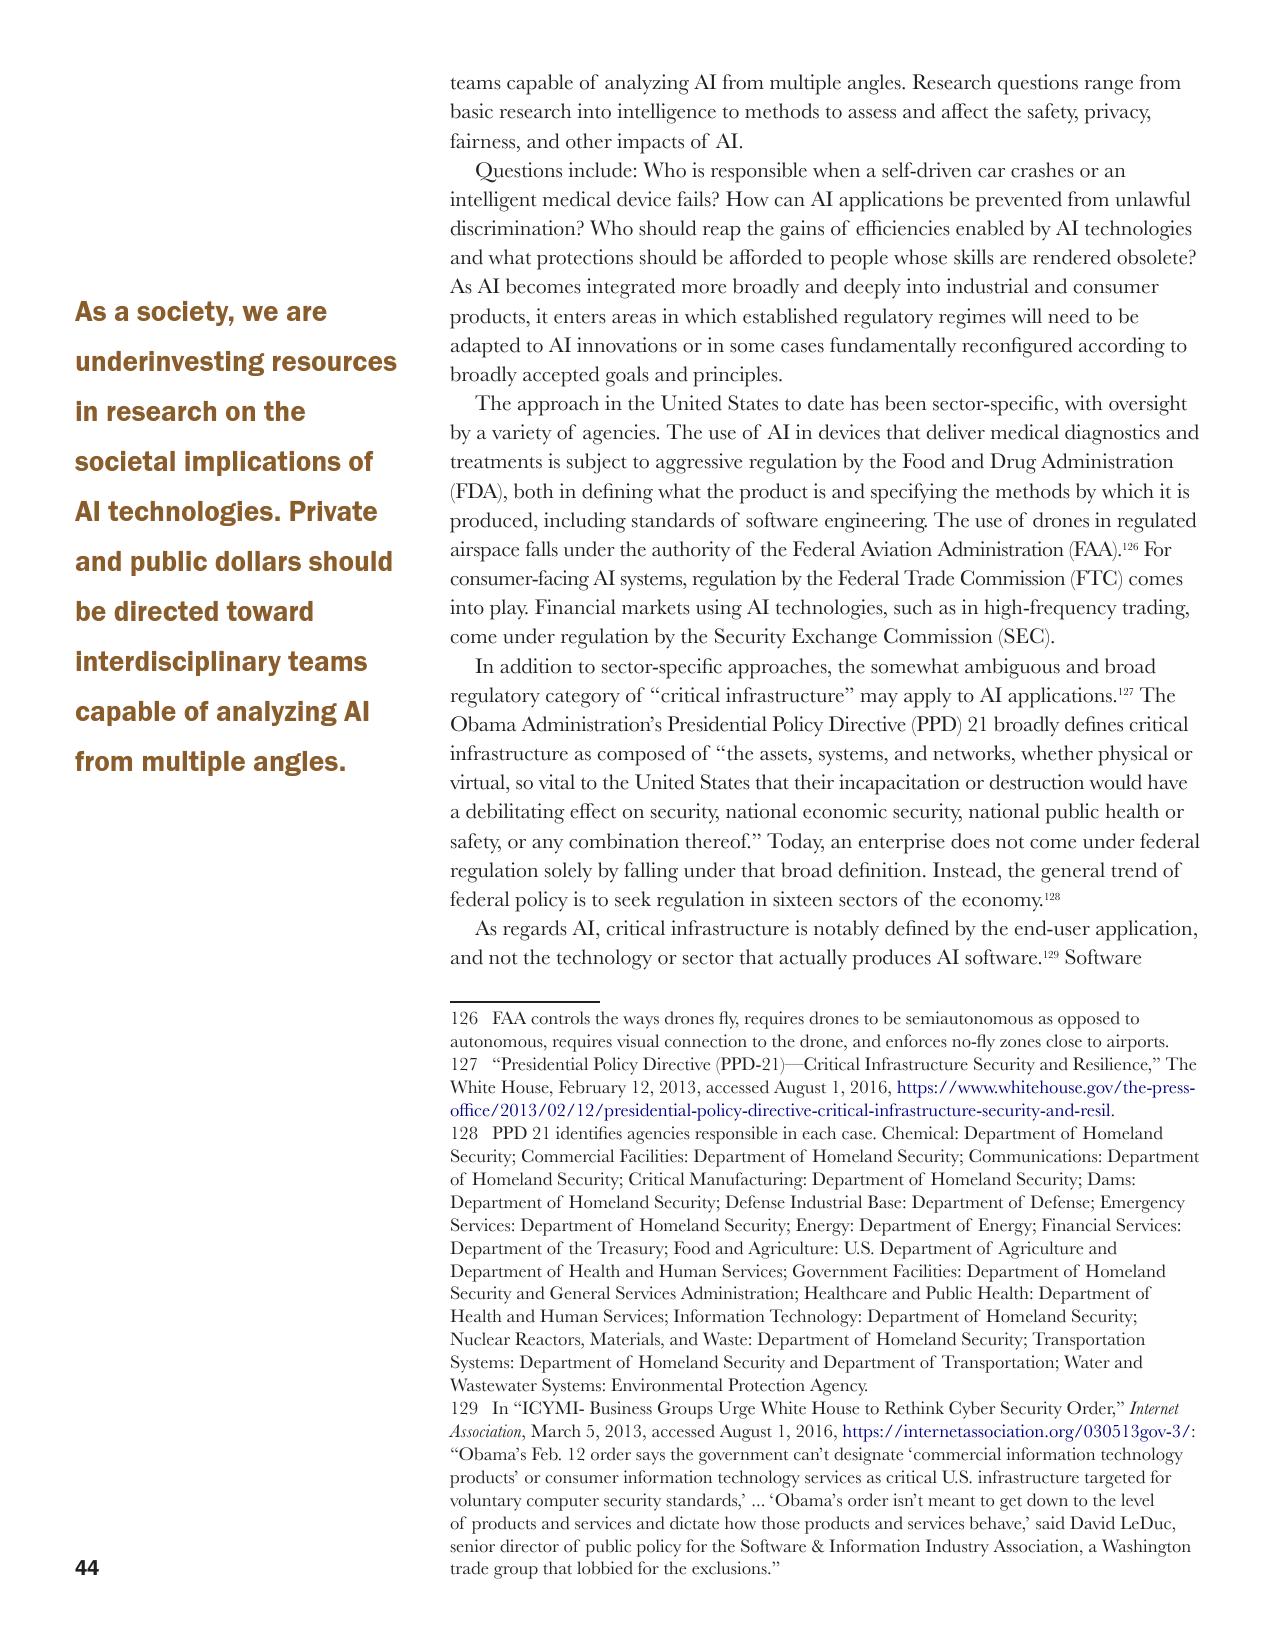 斯坦福:2030年的人工智能与人类生活_000044